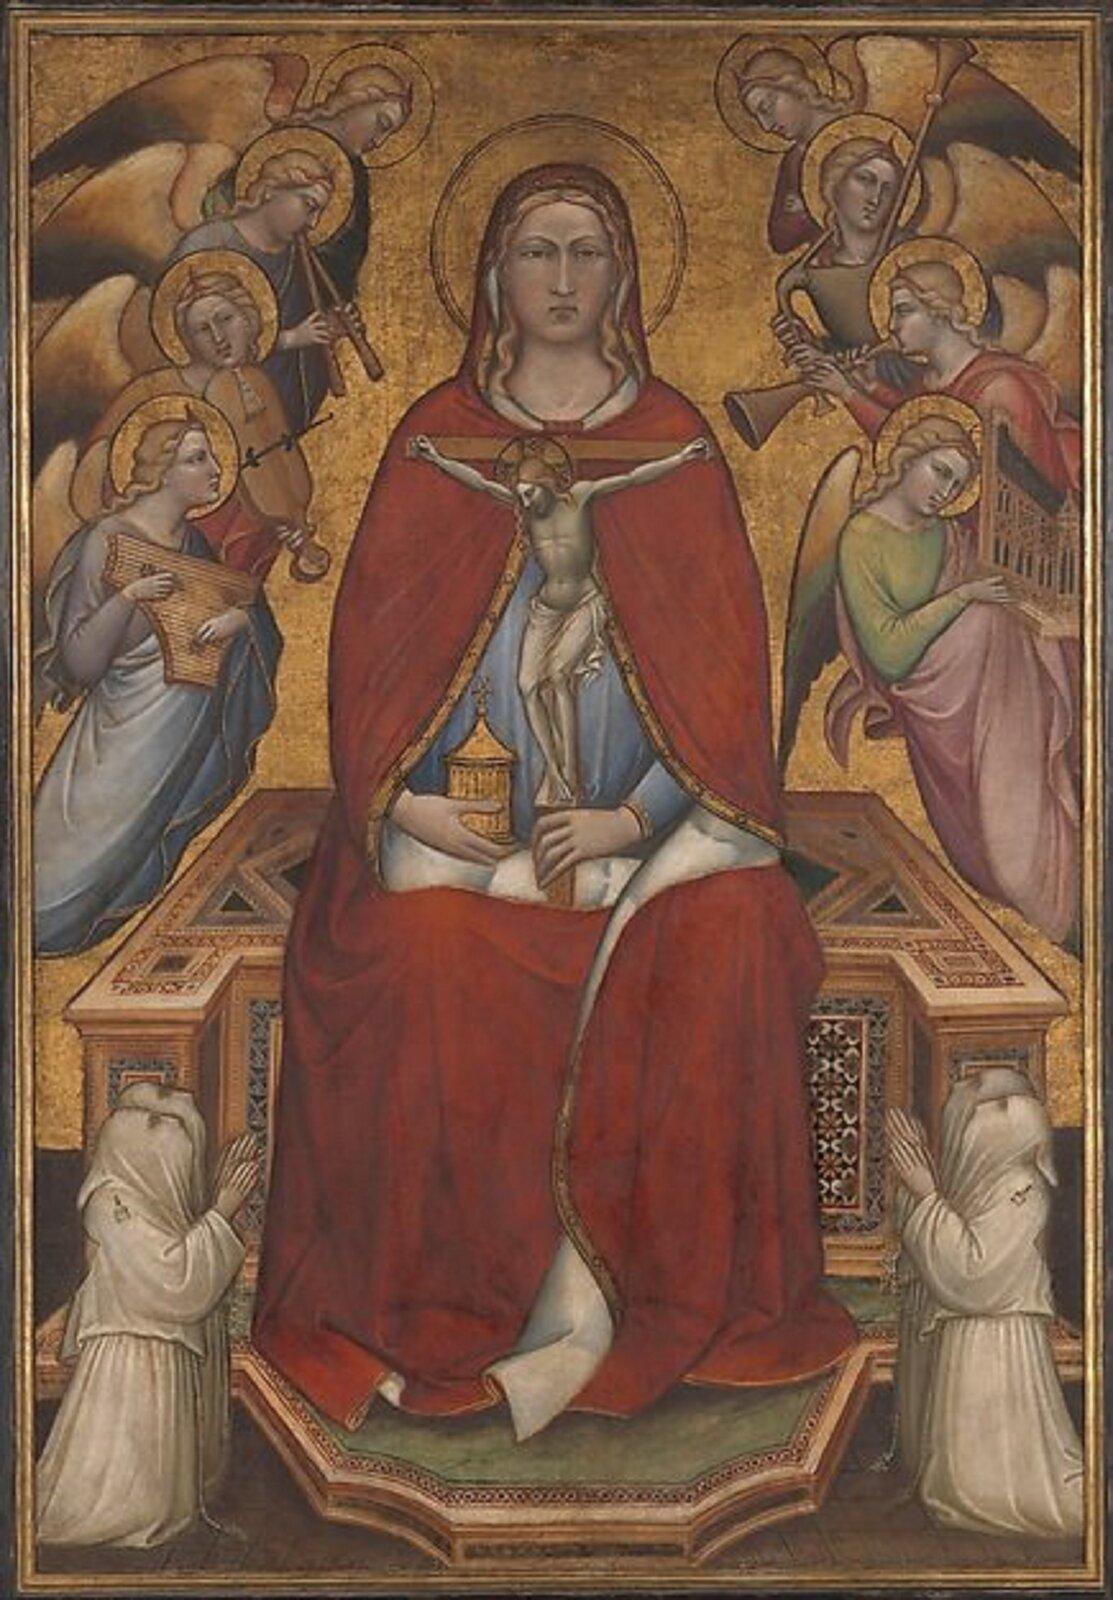 """Ilustracja przedstawia obraz Spinella Aretina """"Święta Maria Magdalena trzymająca krucyfiks"""". Wcentralnej części obrazu na tronie siedzi Maria Magdalena. Wlewej ręce trzyma krucyfiks, awprawej dekoracyjne naczynie. Ujej stóp klęczą małe postacie zakonników wbiałych szatach. Po bokach unoszą się dwie grupy aniołów igrają na różnych instrumentach. Tło jest złocone. Obraz jest symetryczny."""